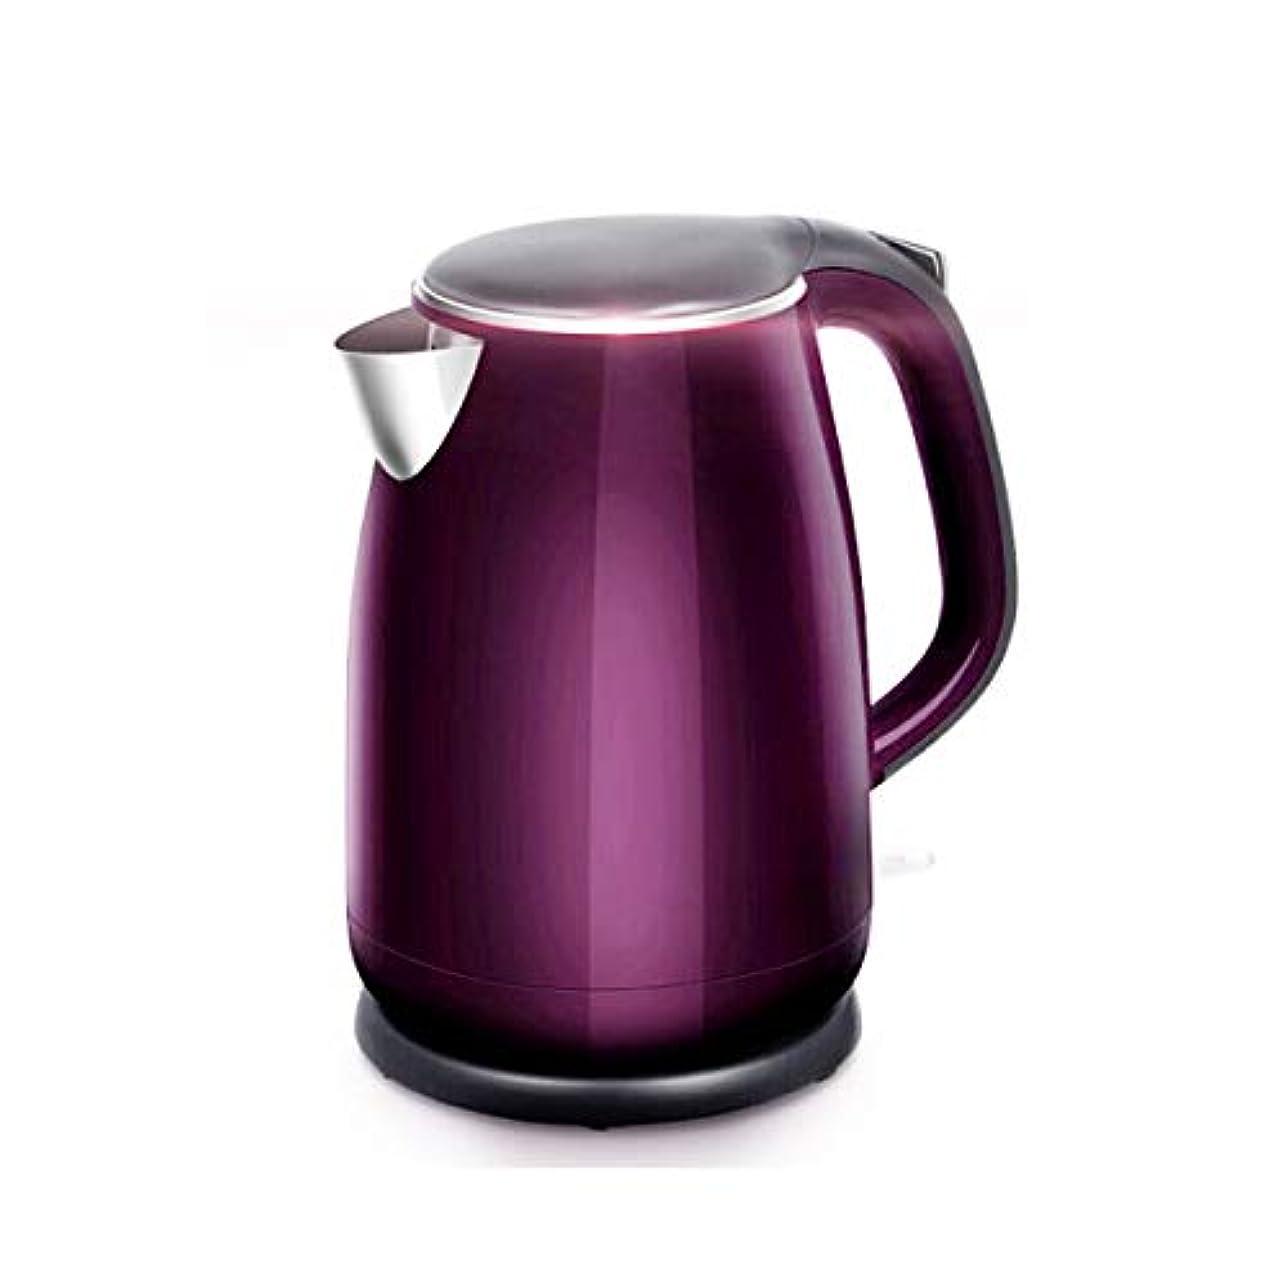 チャンバー伝染病ピニオンHongyushanghang ステンレス電気ケトル、1.8L、青、赤、紫、自動電源オフ、適用電圧:110V?220V ユニーク (Color : Purple)